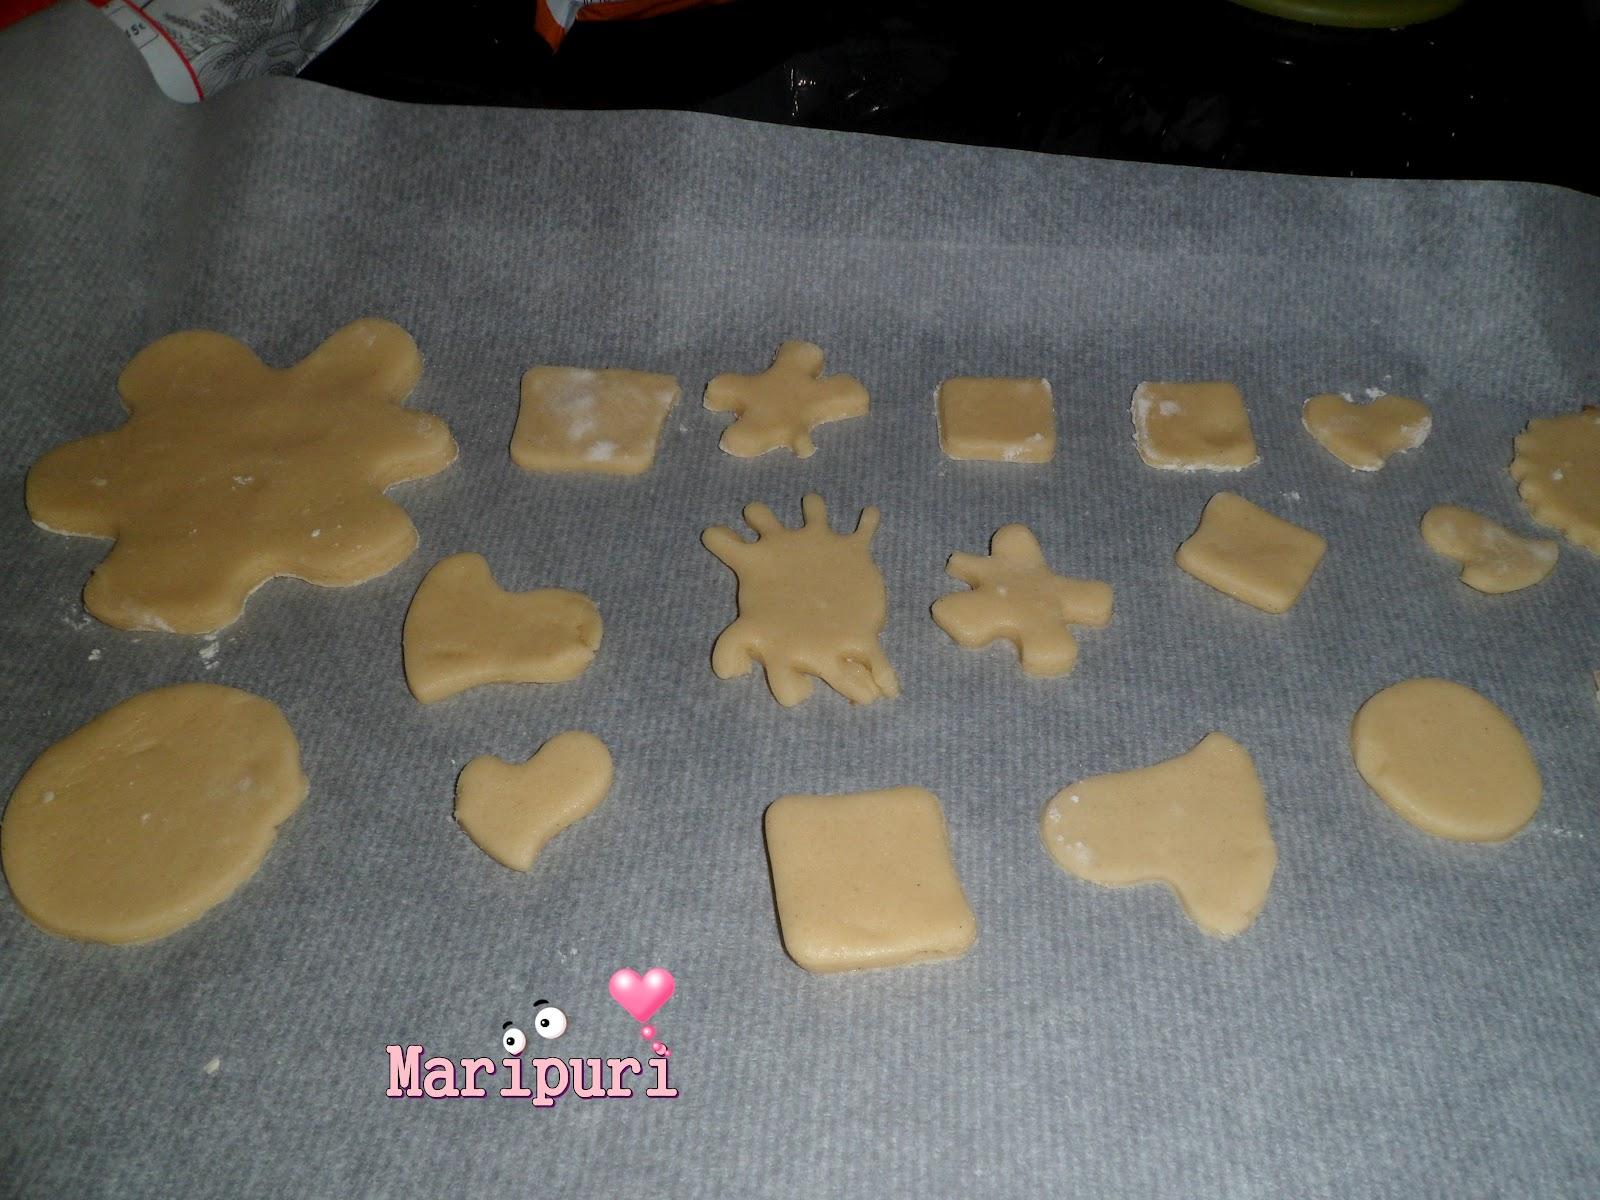 Una maripuri en la cocina taller de galletas for La cocina taller